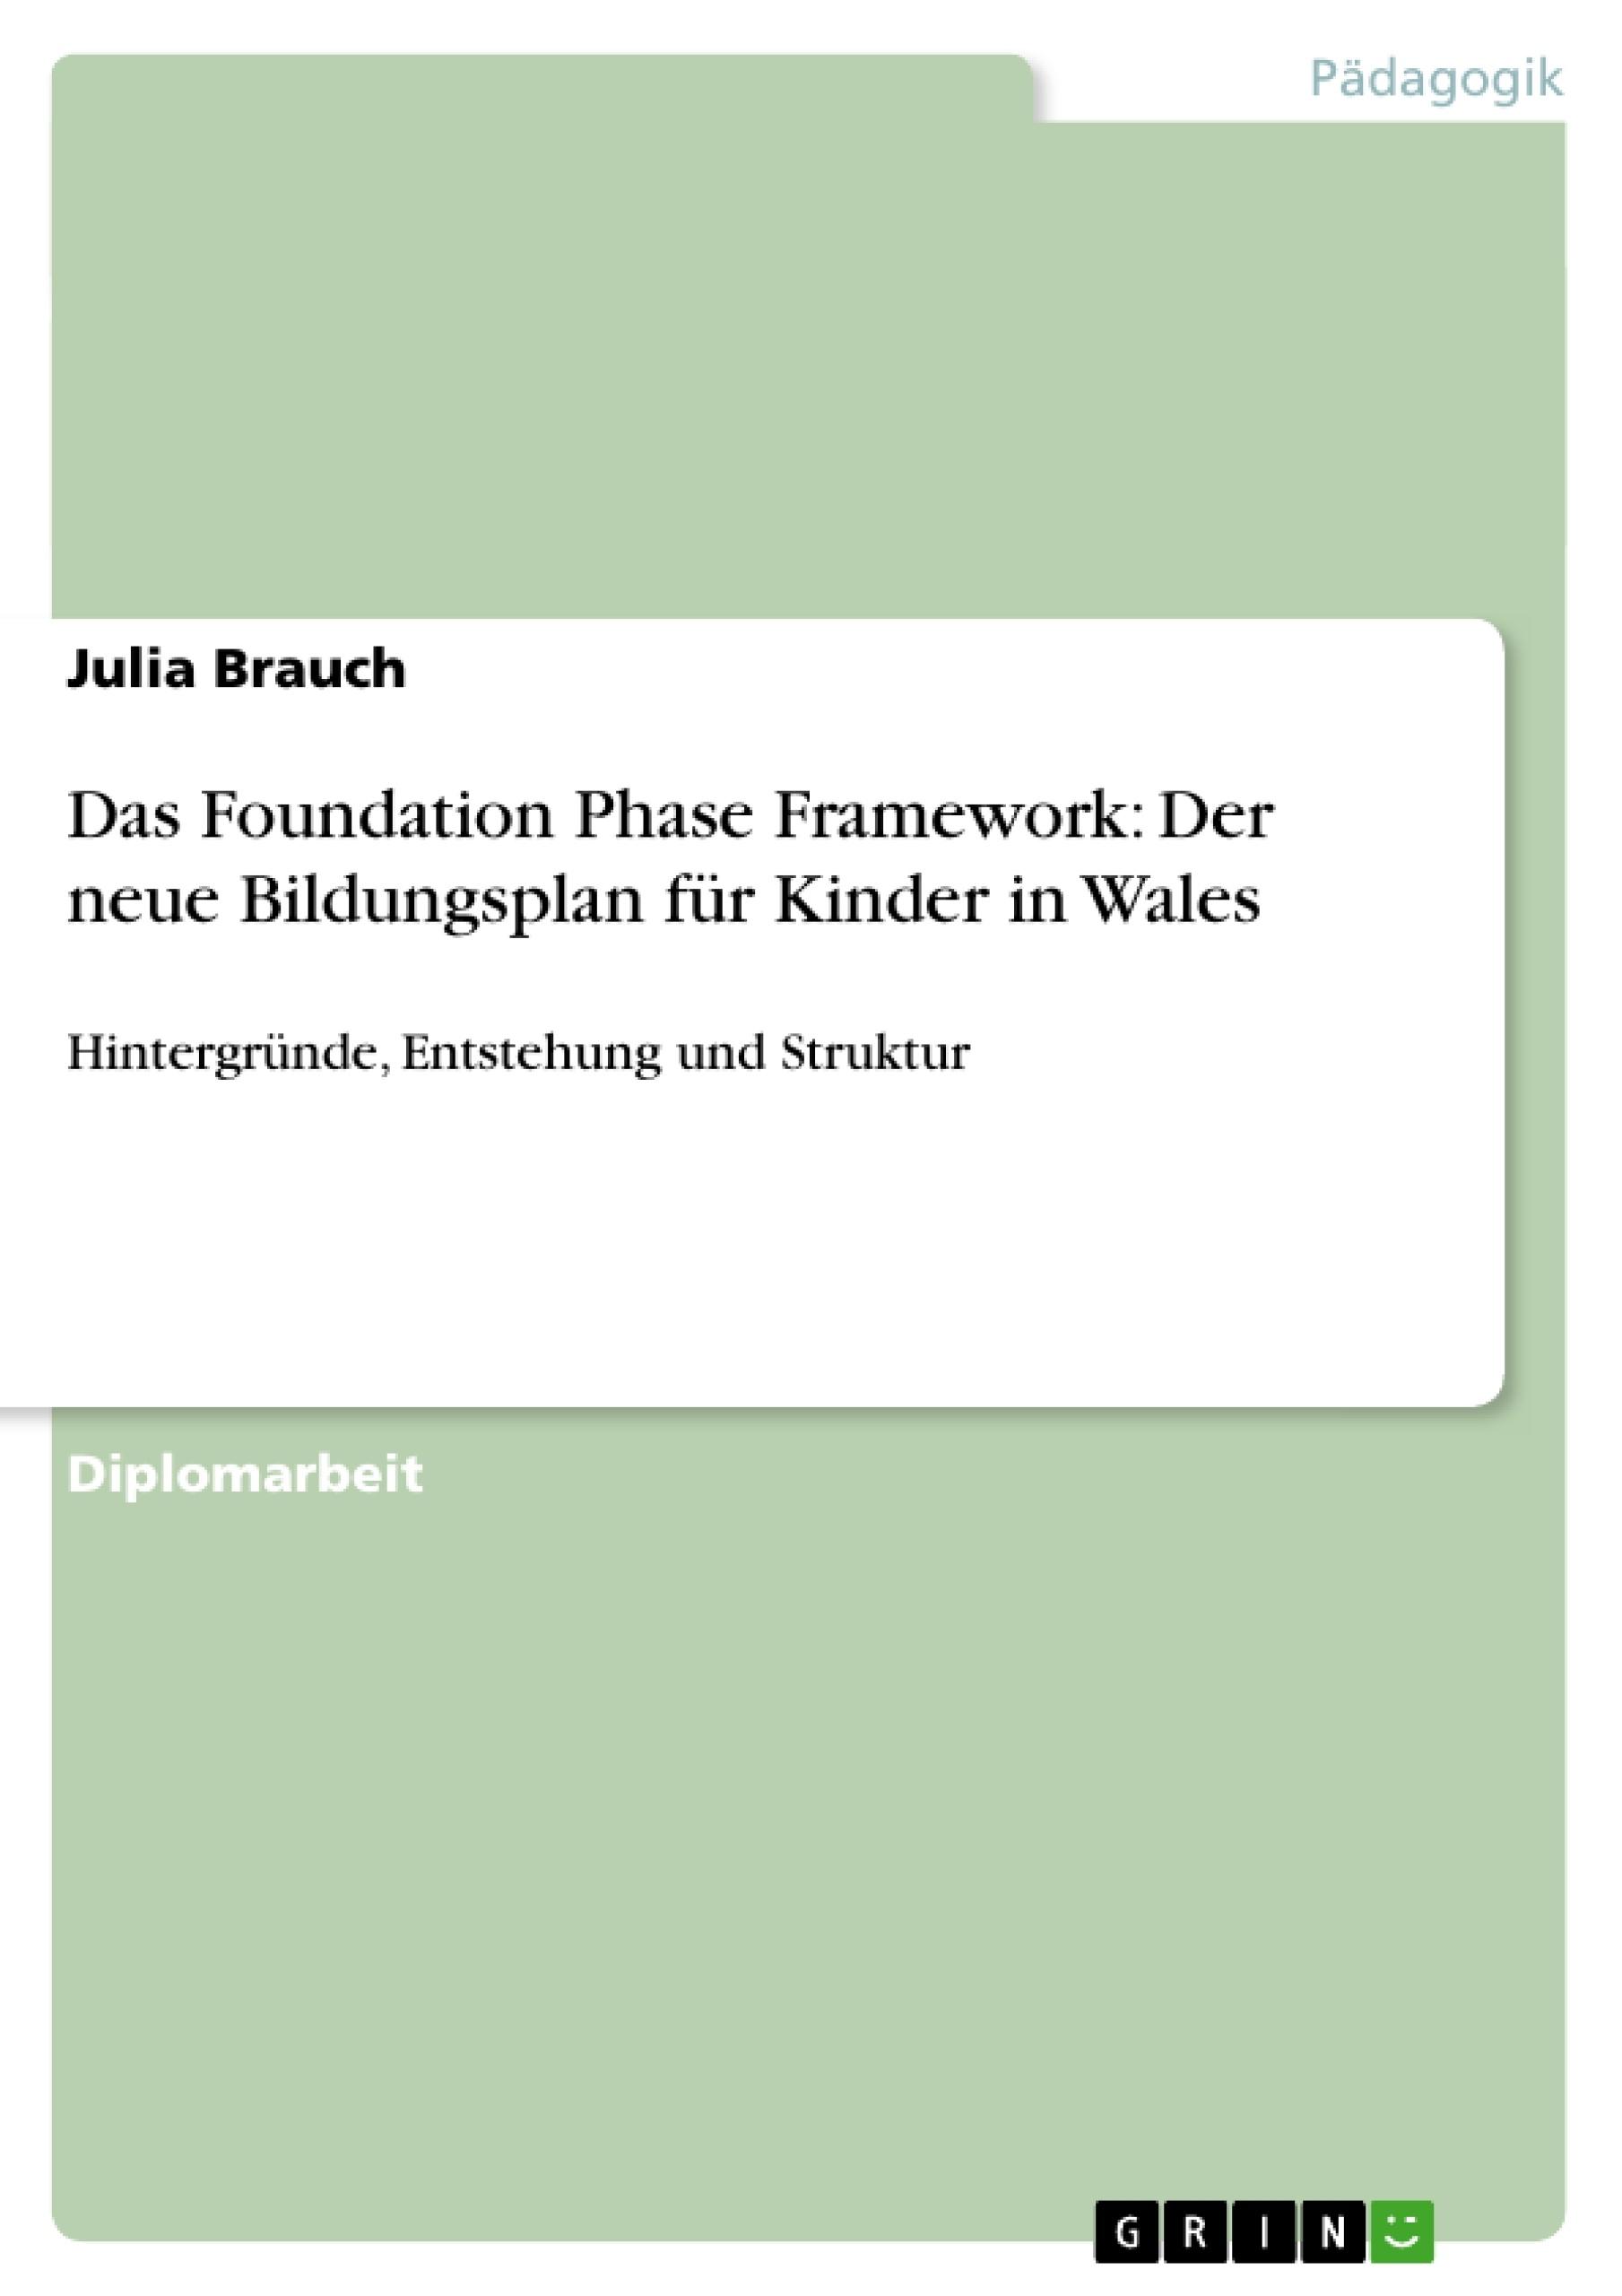 Titel: Das Foundation Phase Framework: Der neue Bildungsplan für Kinder in Wales